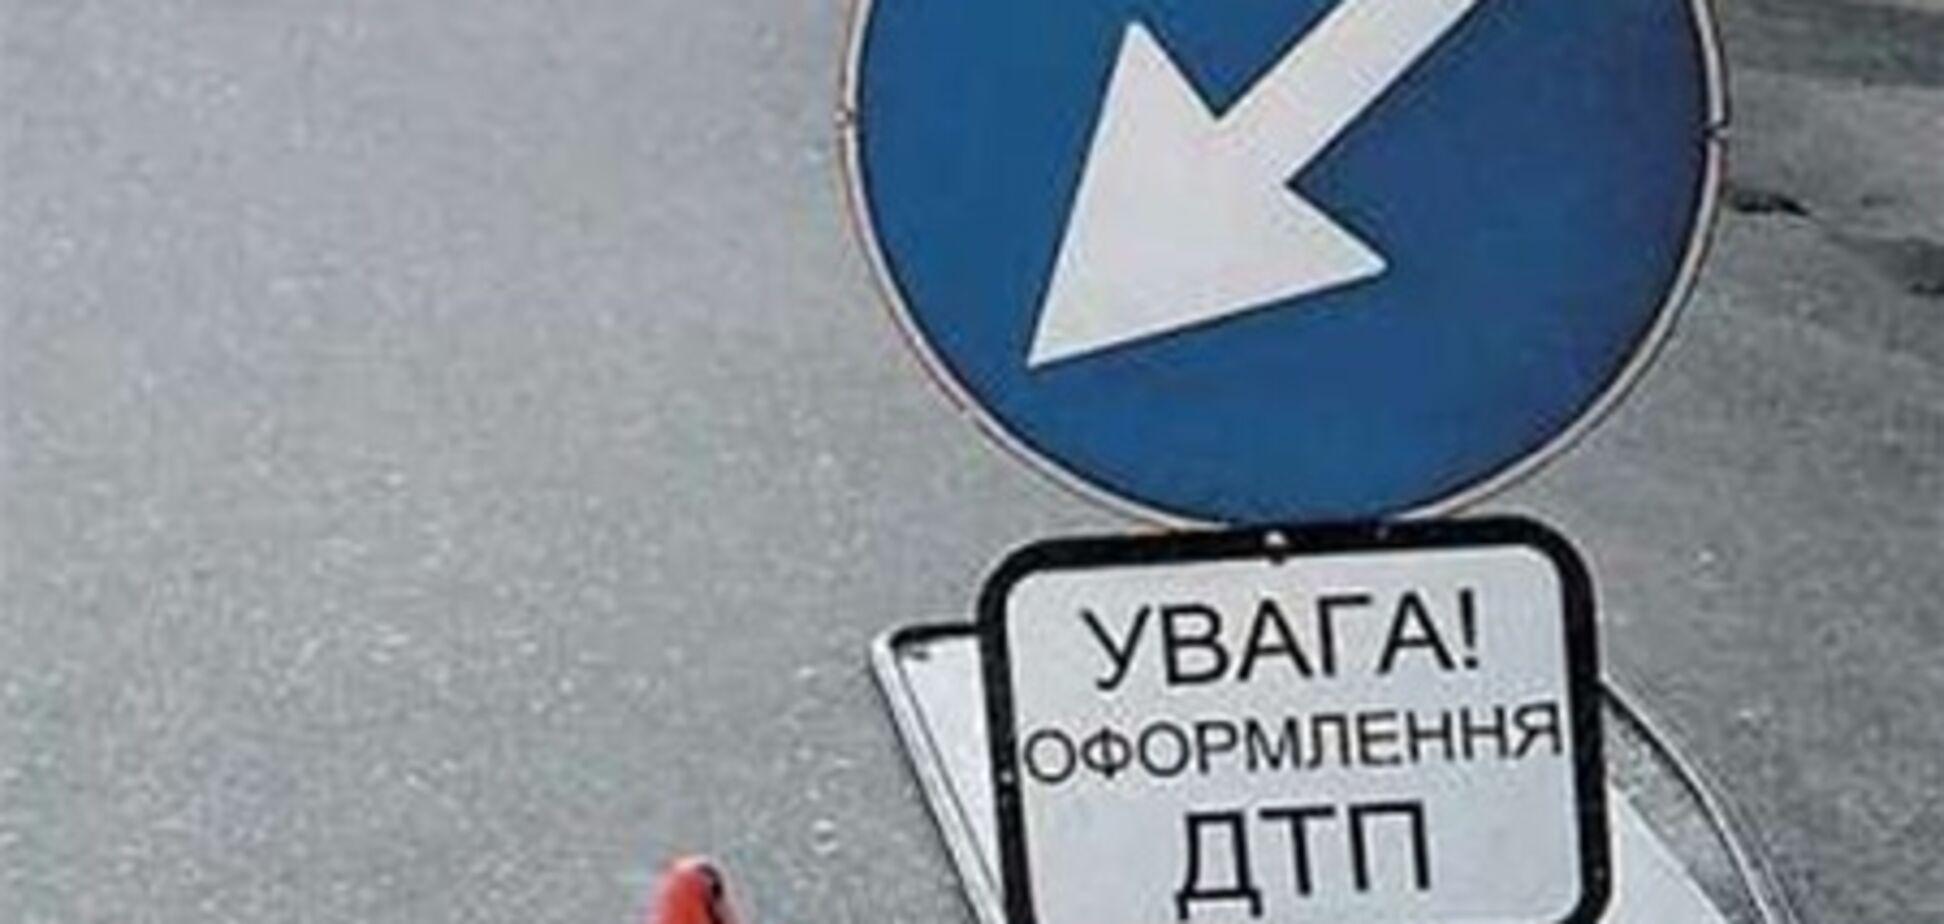 Трагическое ДТП на Киевщине: сотрудник ГАИ сбил пешехода